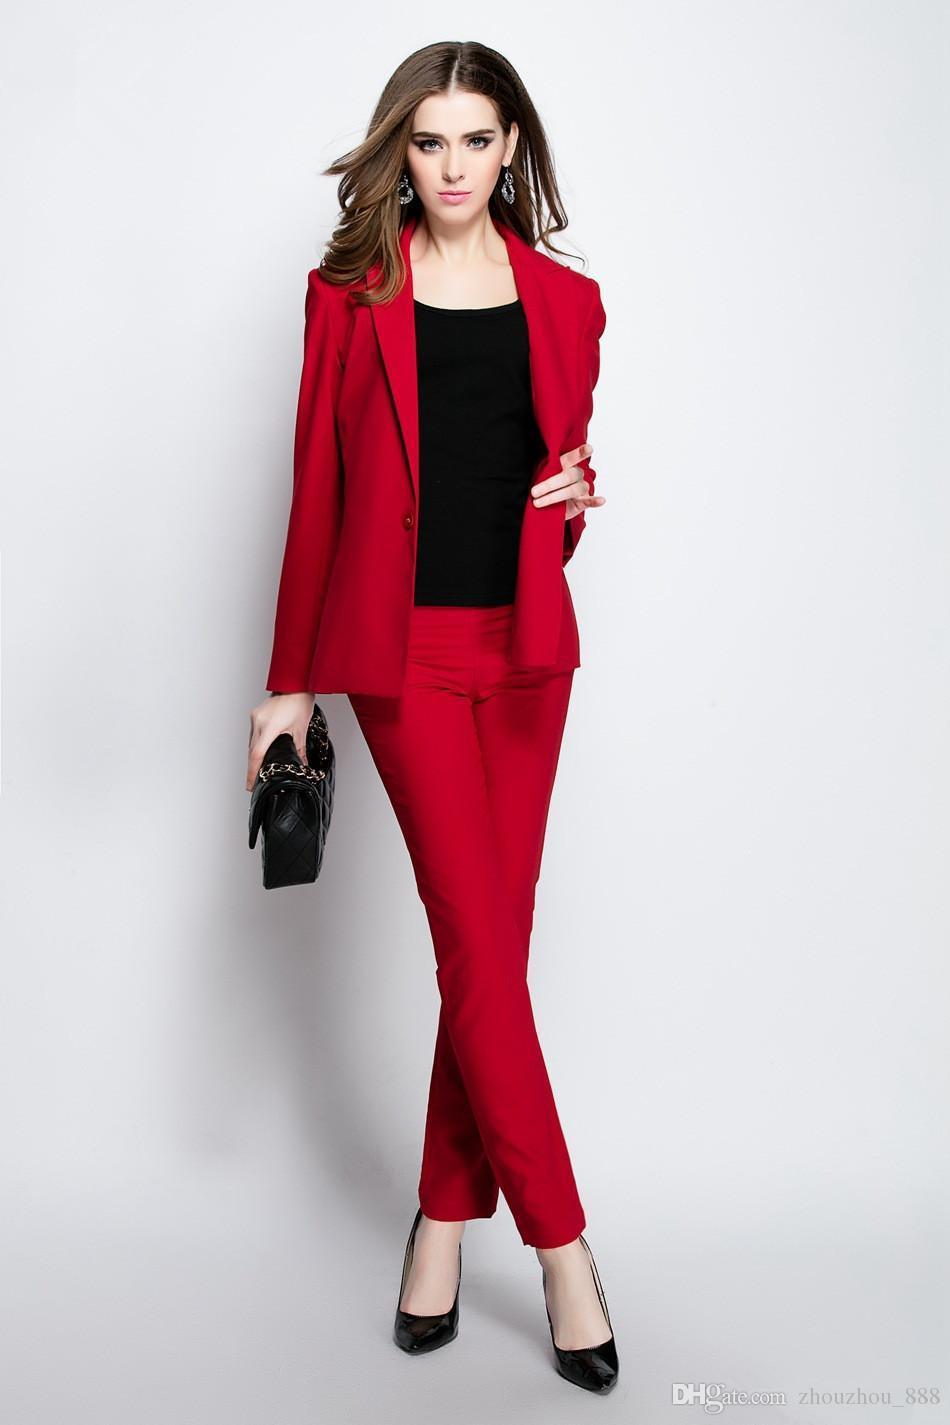 Jaqueta + Calças Mulheres Ternos de Negócio Preto e Vermelho Feminino Escritório Uniforme Senhoras Ternos Formais de Inverno 2 Peça Define Único Breasted